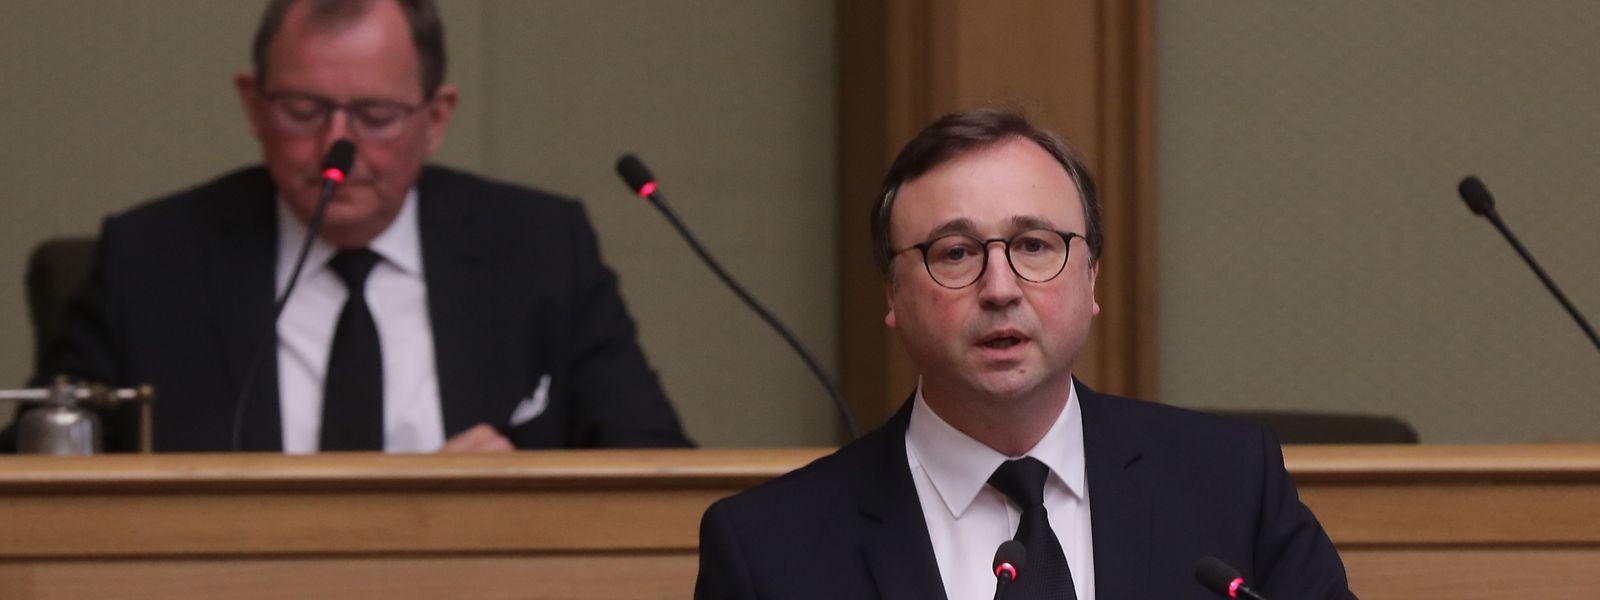 Le député André Bauler (DP) chargé de présenter ce mercredi le texte du budget 2019, qui sera adopté cette semaine.